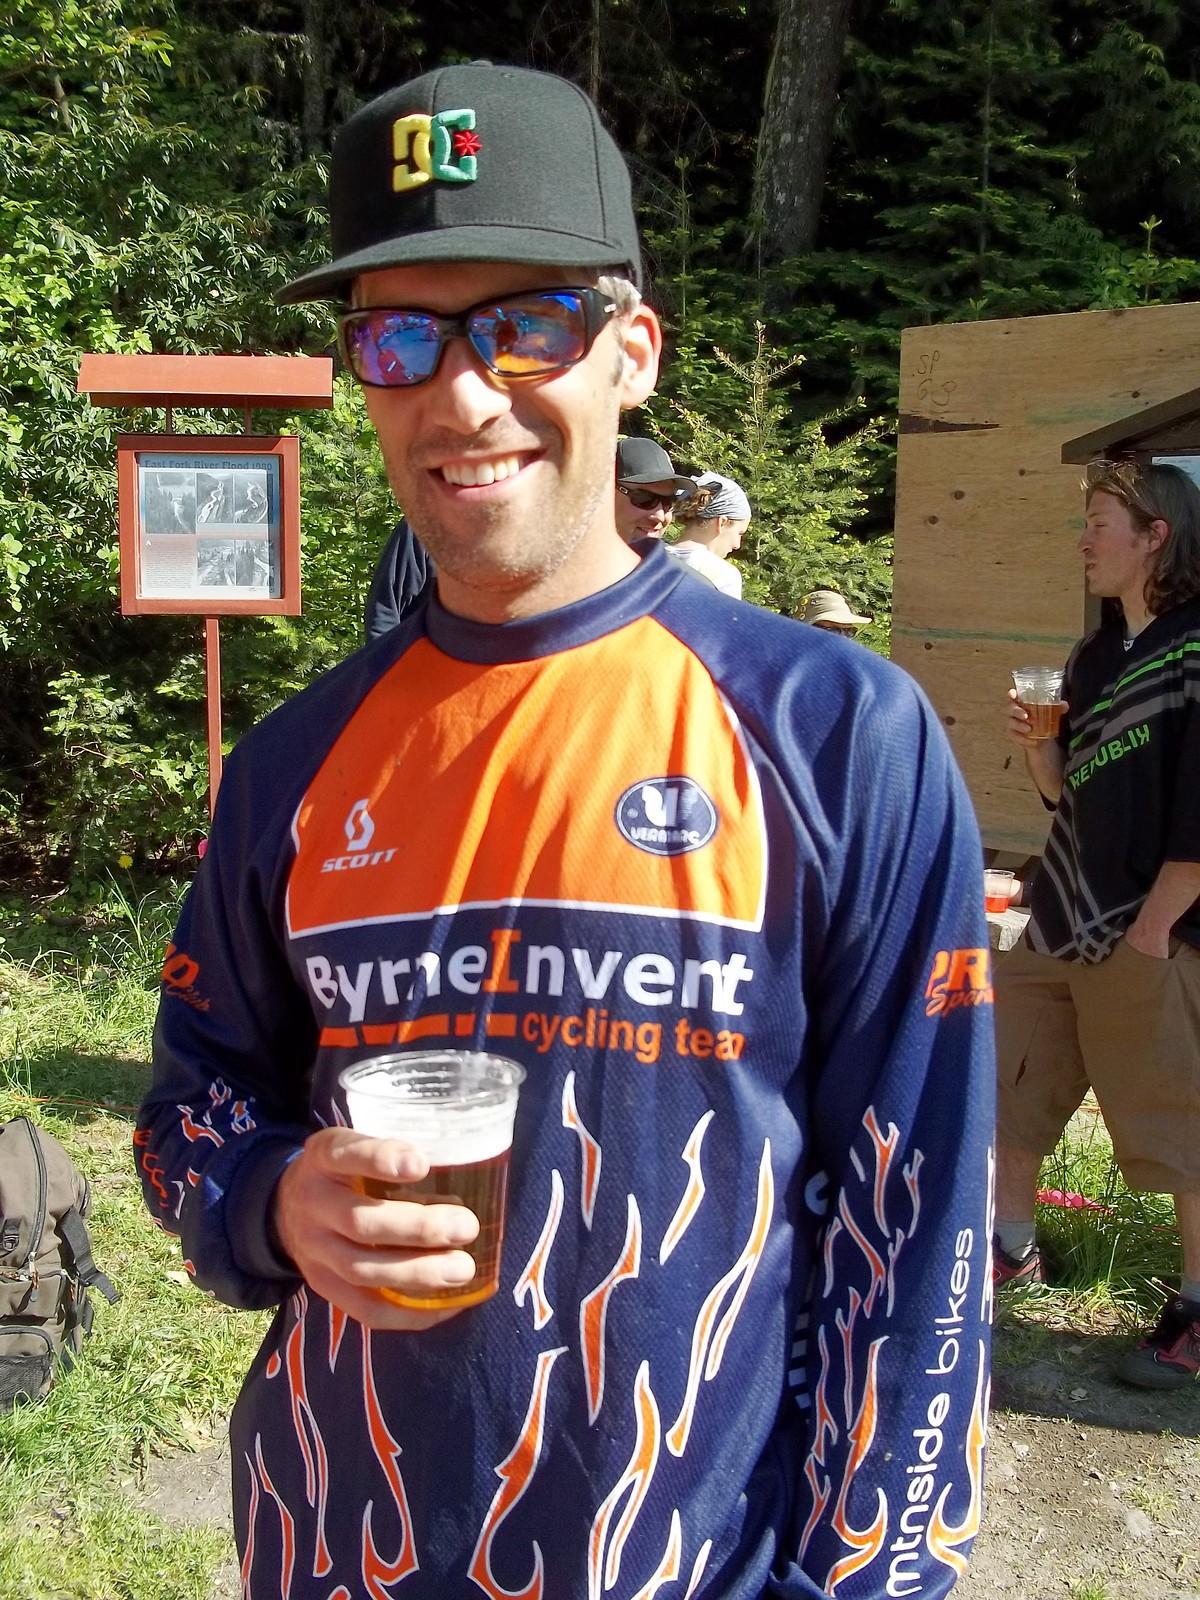 Greg Schutt - northwestdhdad - Mountain Biking Pictures - Vital MTB